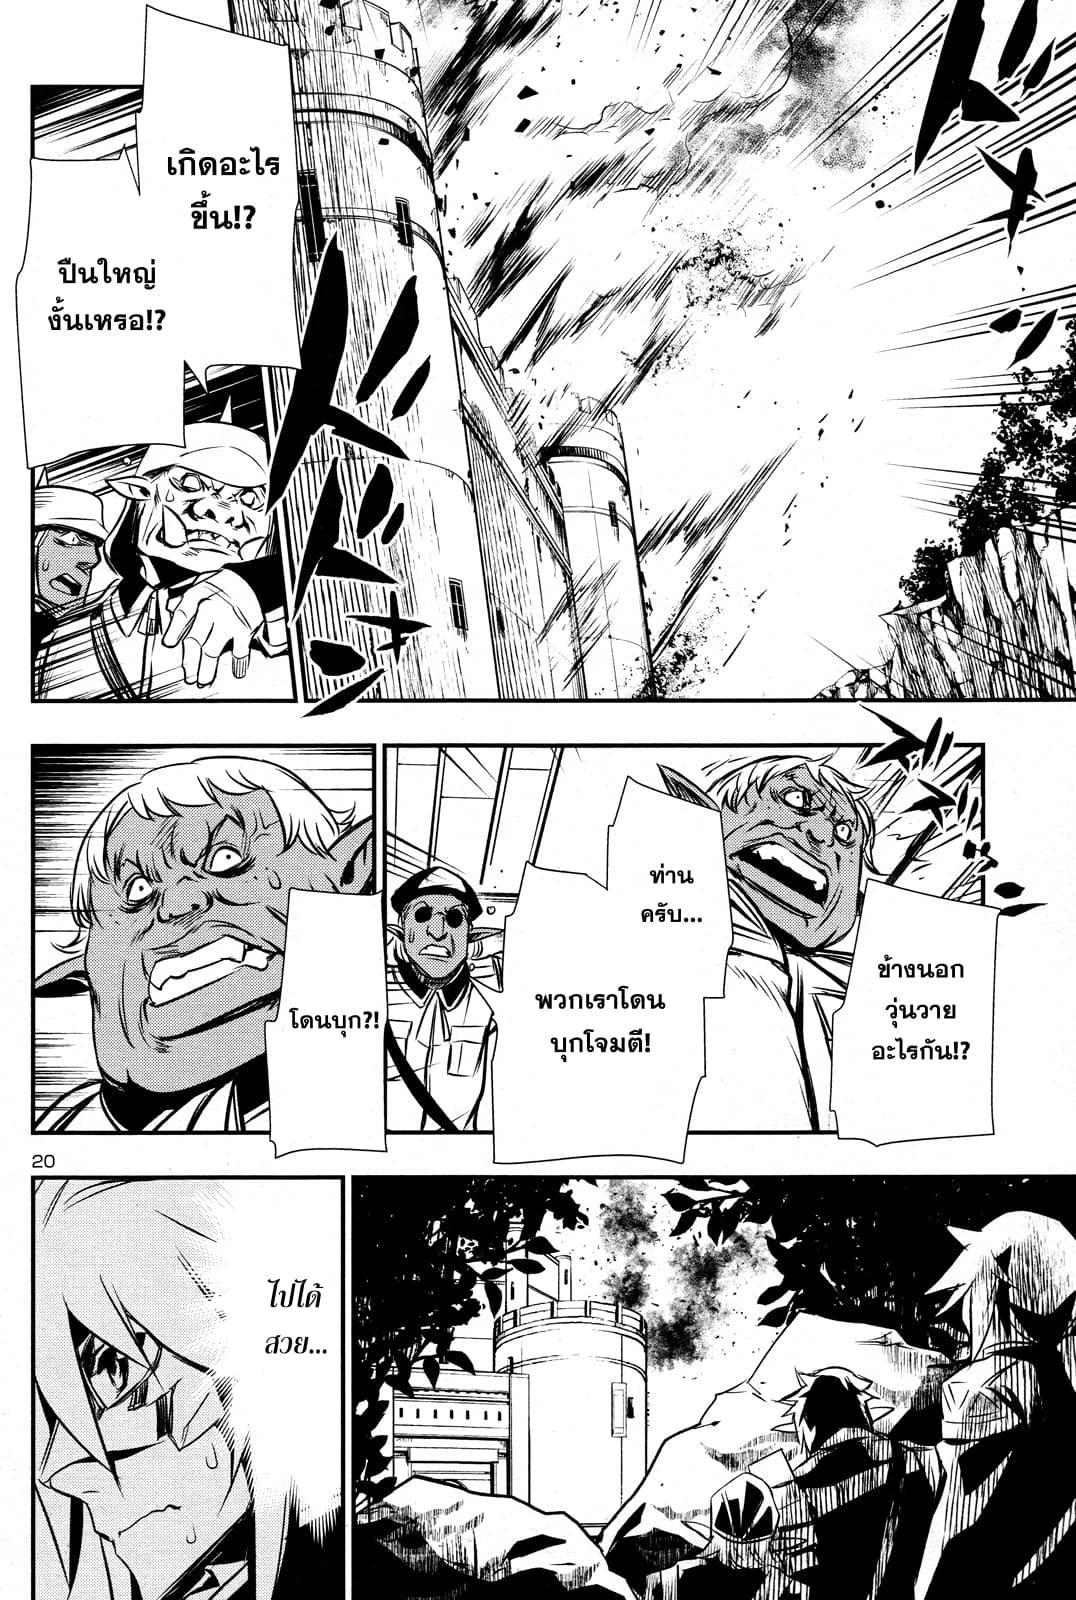 อ่านการ์ตูน Shinju no Nectar ตอนที่ 6 หน้าที่ 20